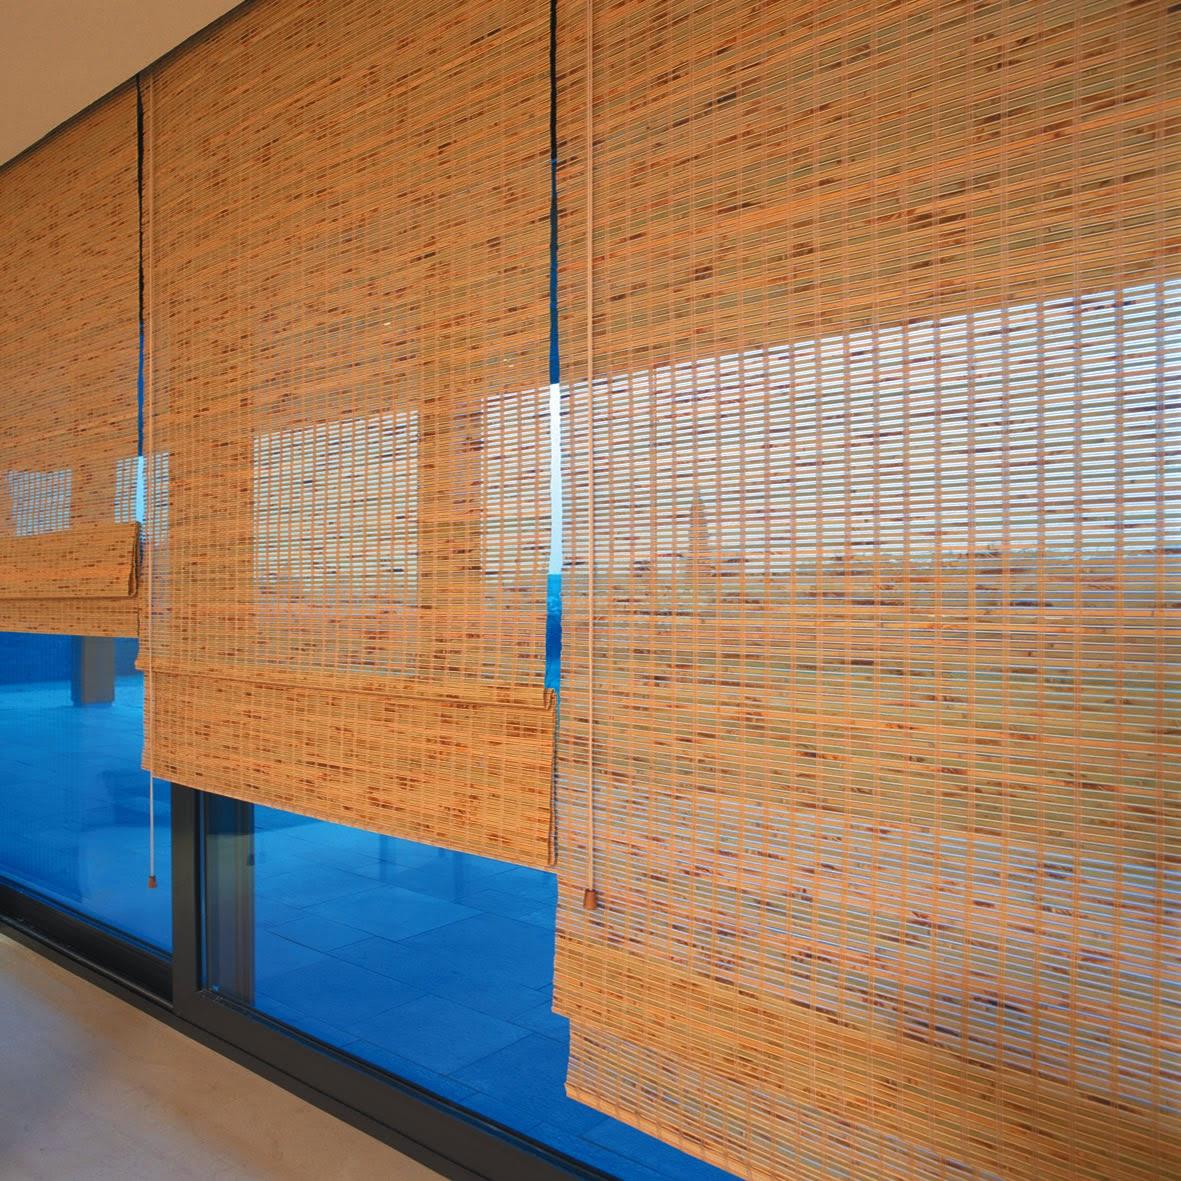 Henriflex persianas e cortinas em salvador 71 9912 9050 - Cortina de bambu ...